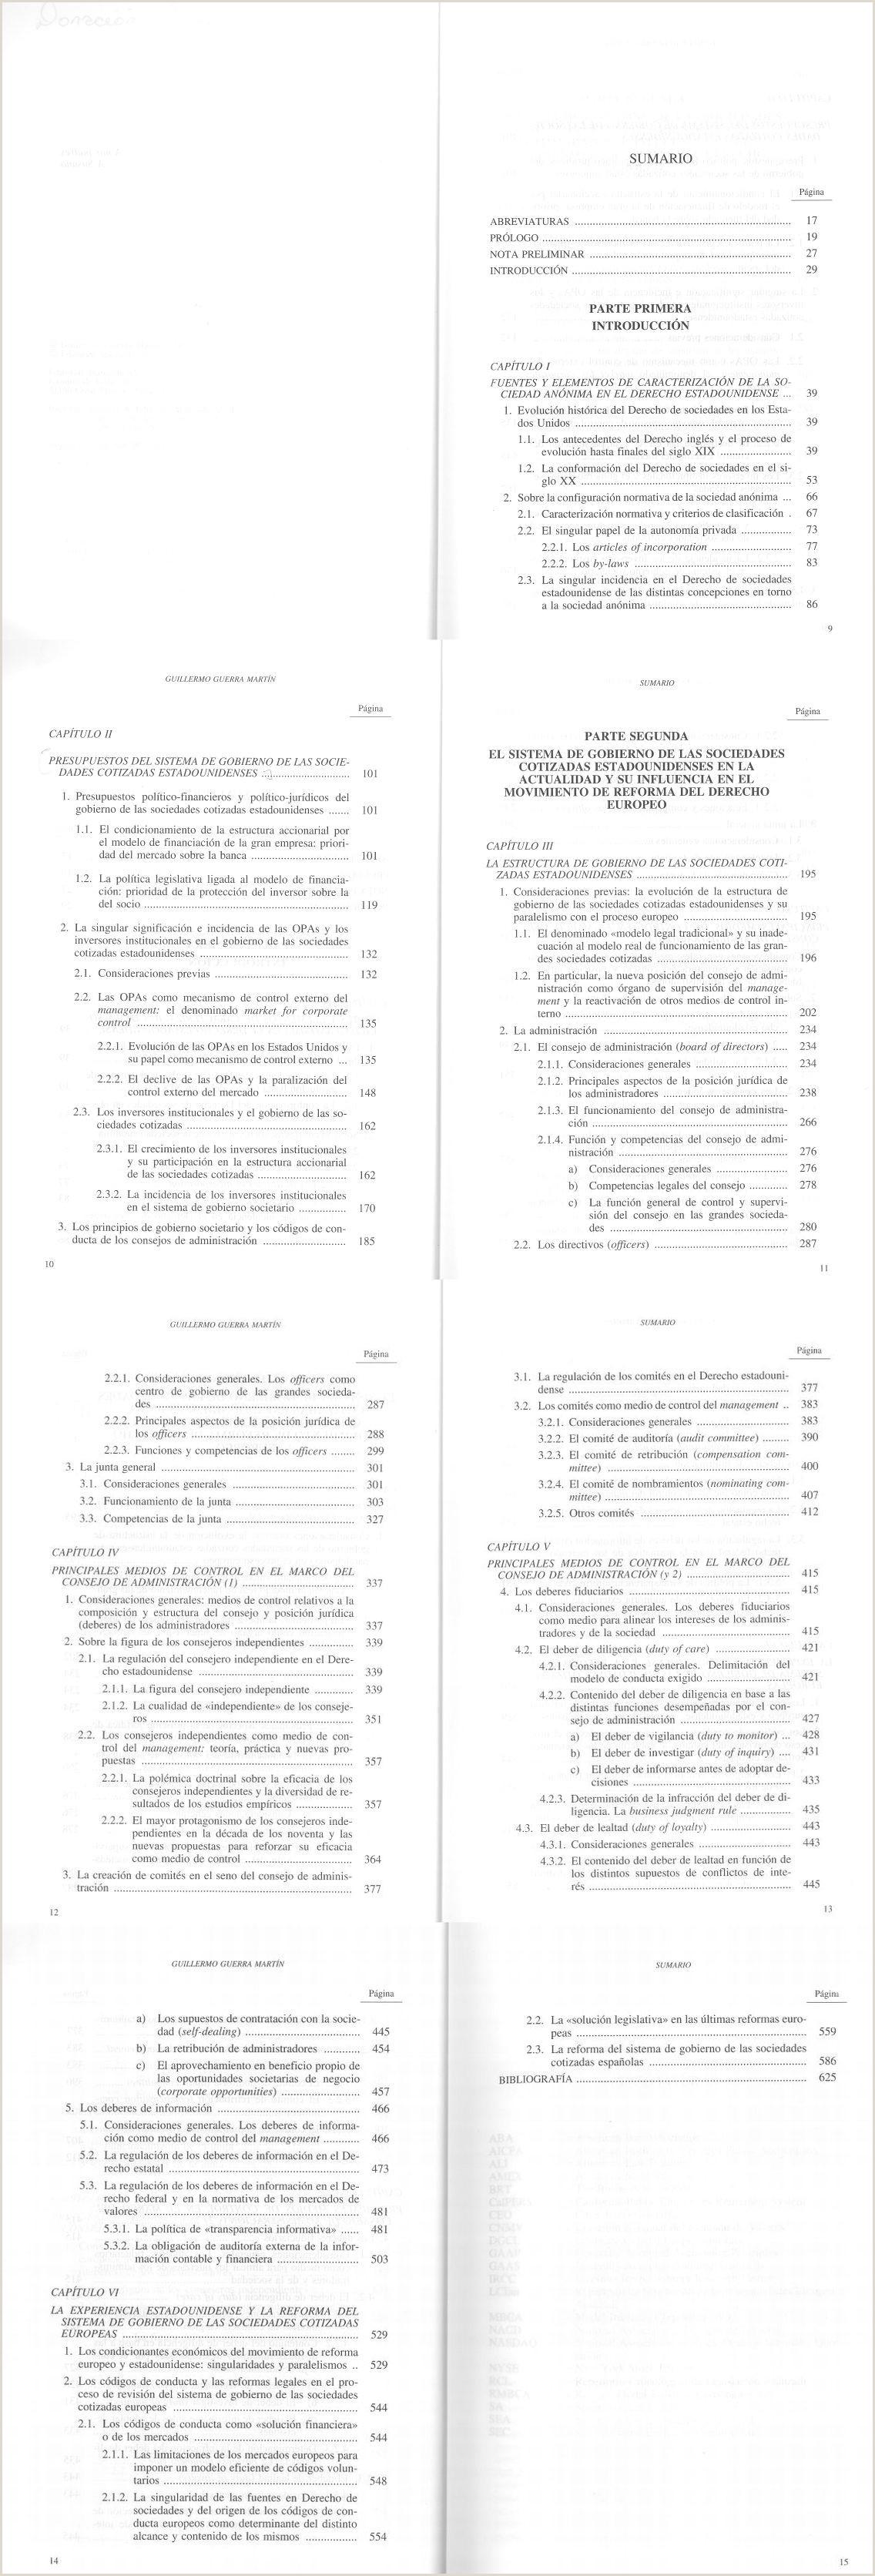 Formato De Hoja De Vida España Search Results for Revista De Derecho